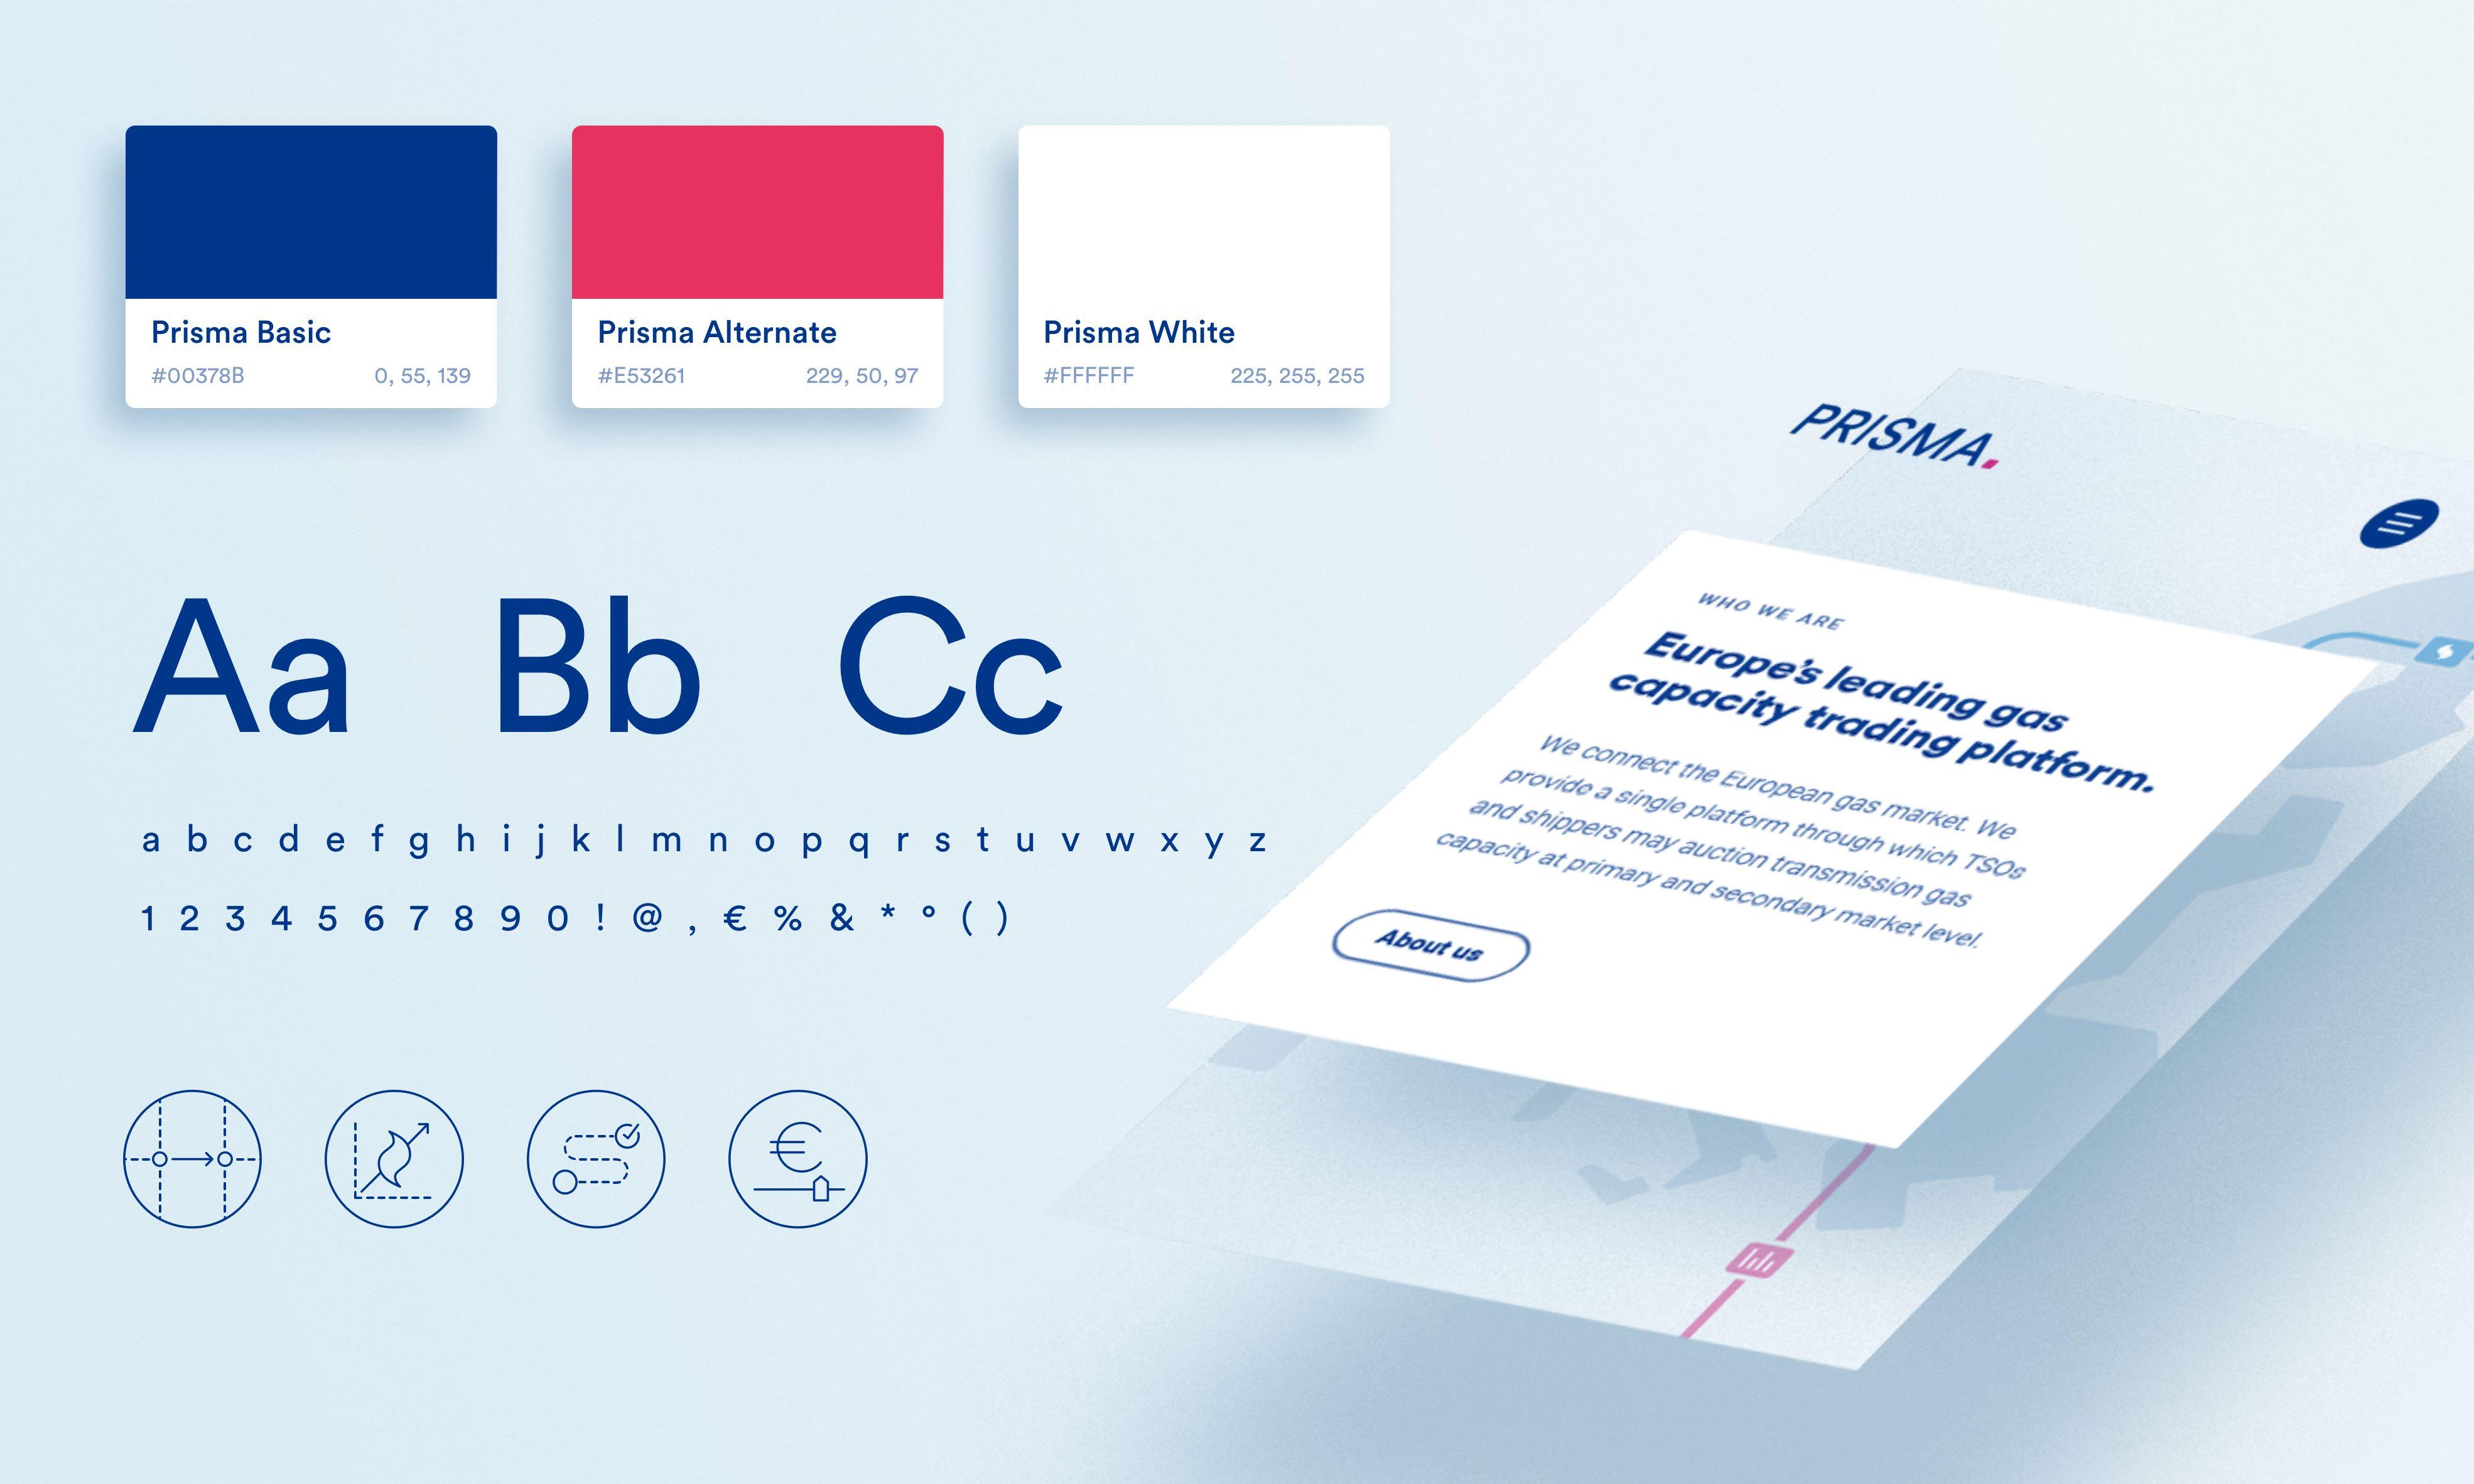 hellblauer Hintergrund, darauf Farb-und Schriftmuster, Icons, und eine isometrische Ebenenansicht von Beispiel-Website-Elementen